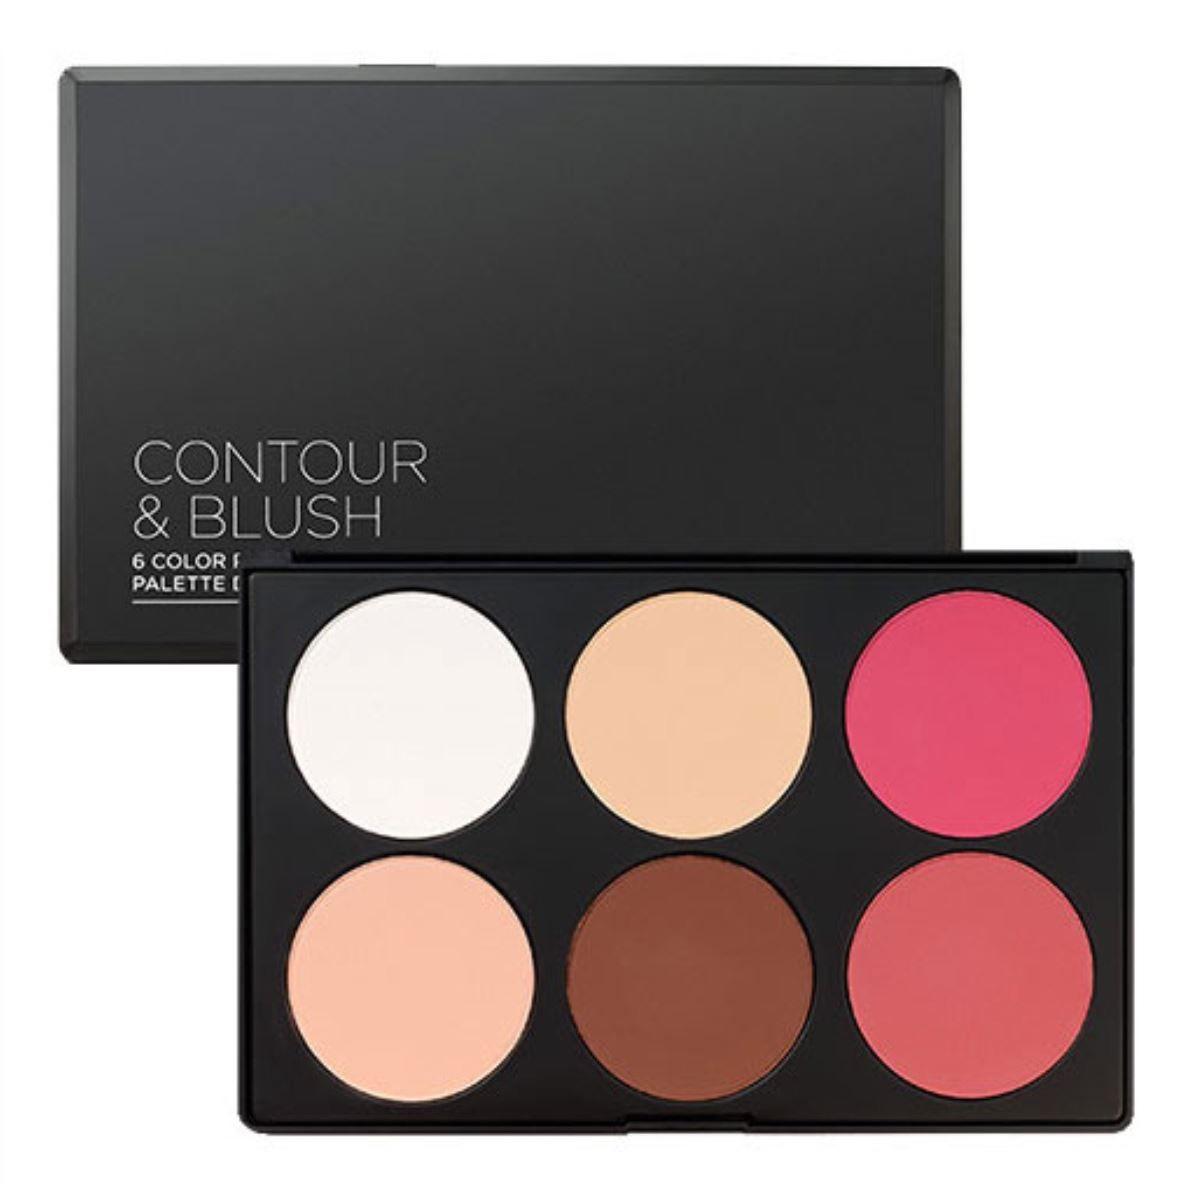 Contour & Blush 6-Color Palette